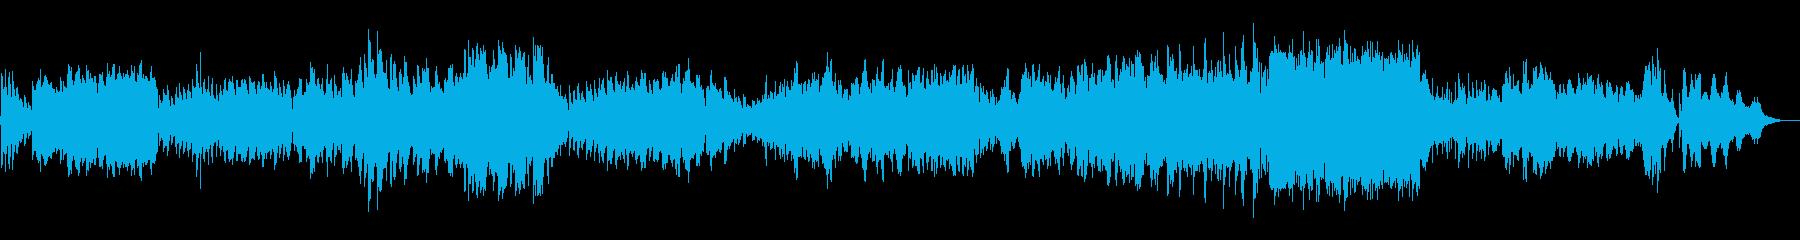 エレジー チェロとピアノ フォーレの再生済みの波形